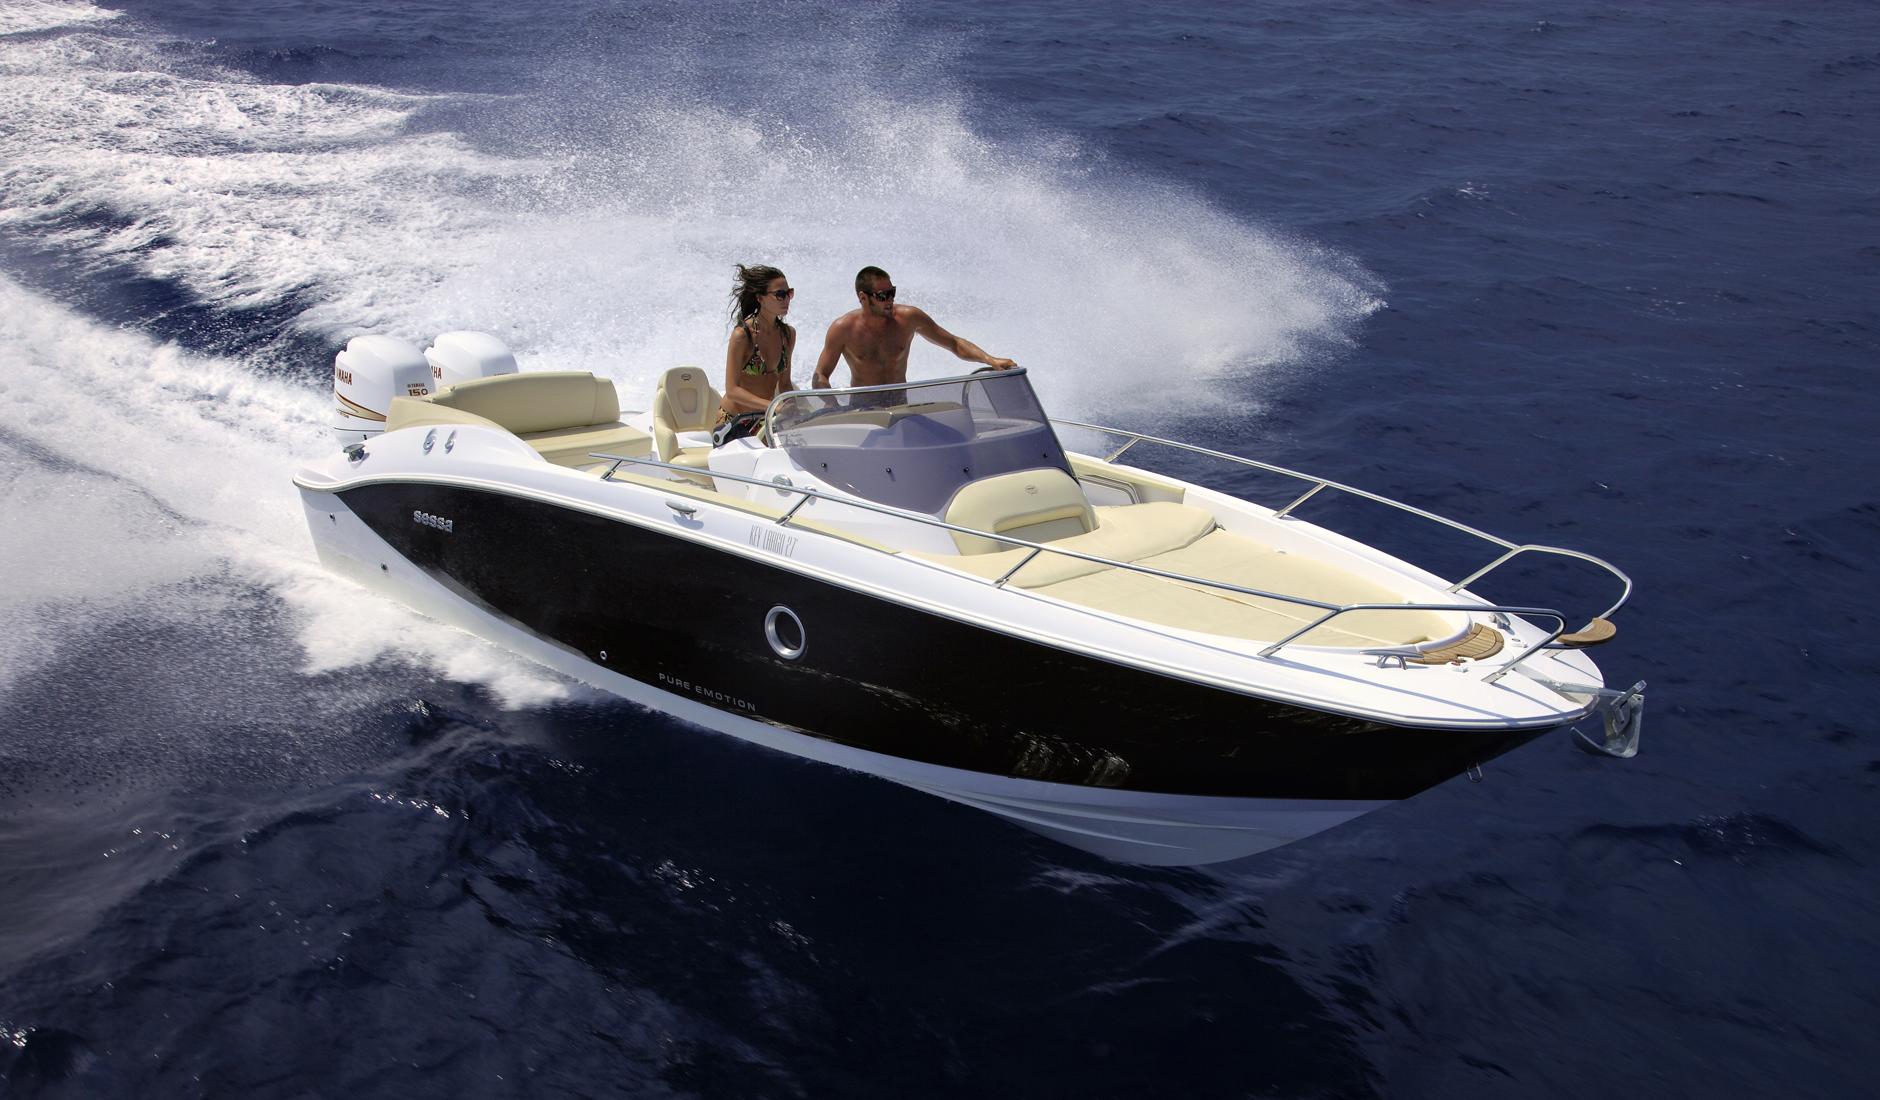 Sessa Marine Key Largo 27 Outboard Фото № 4